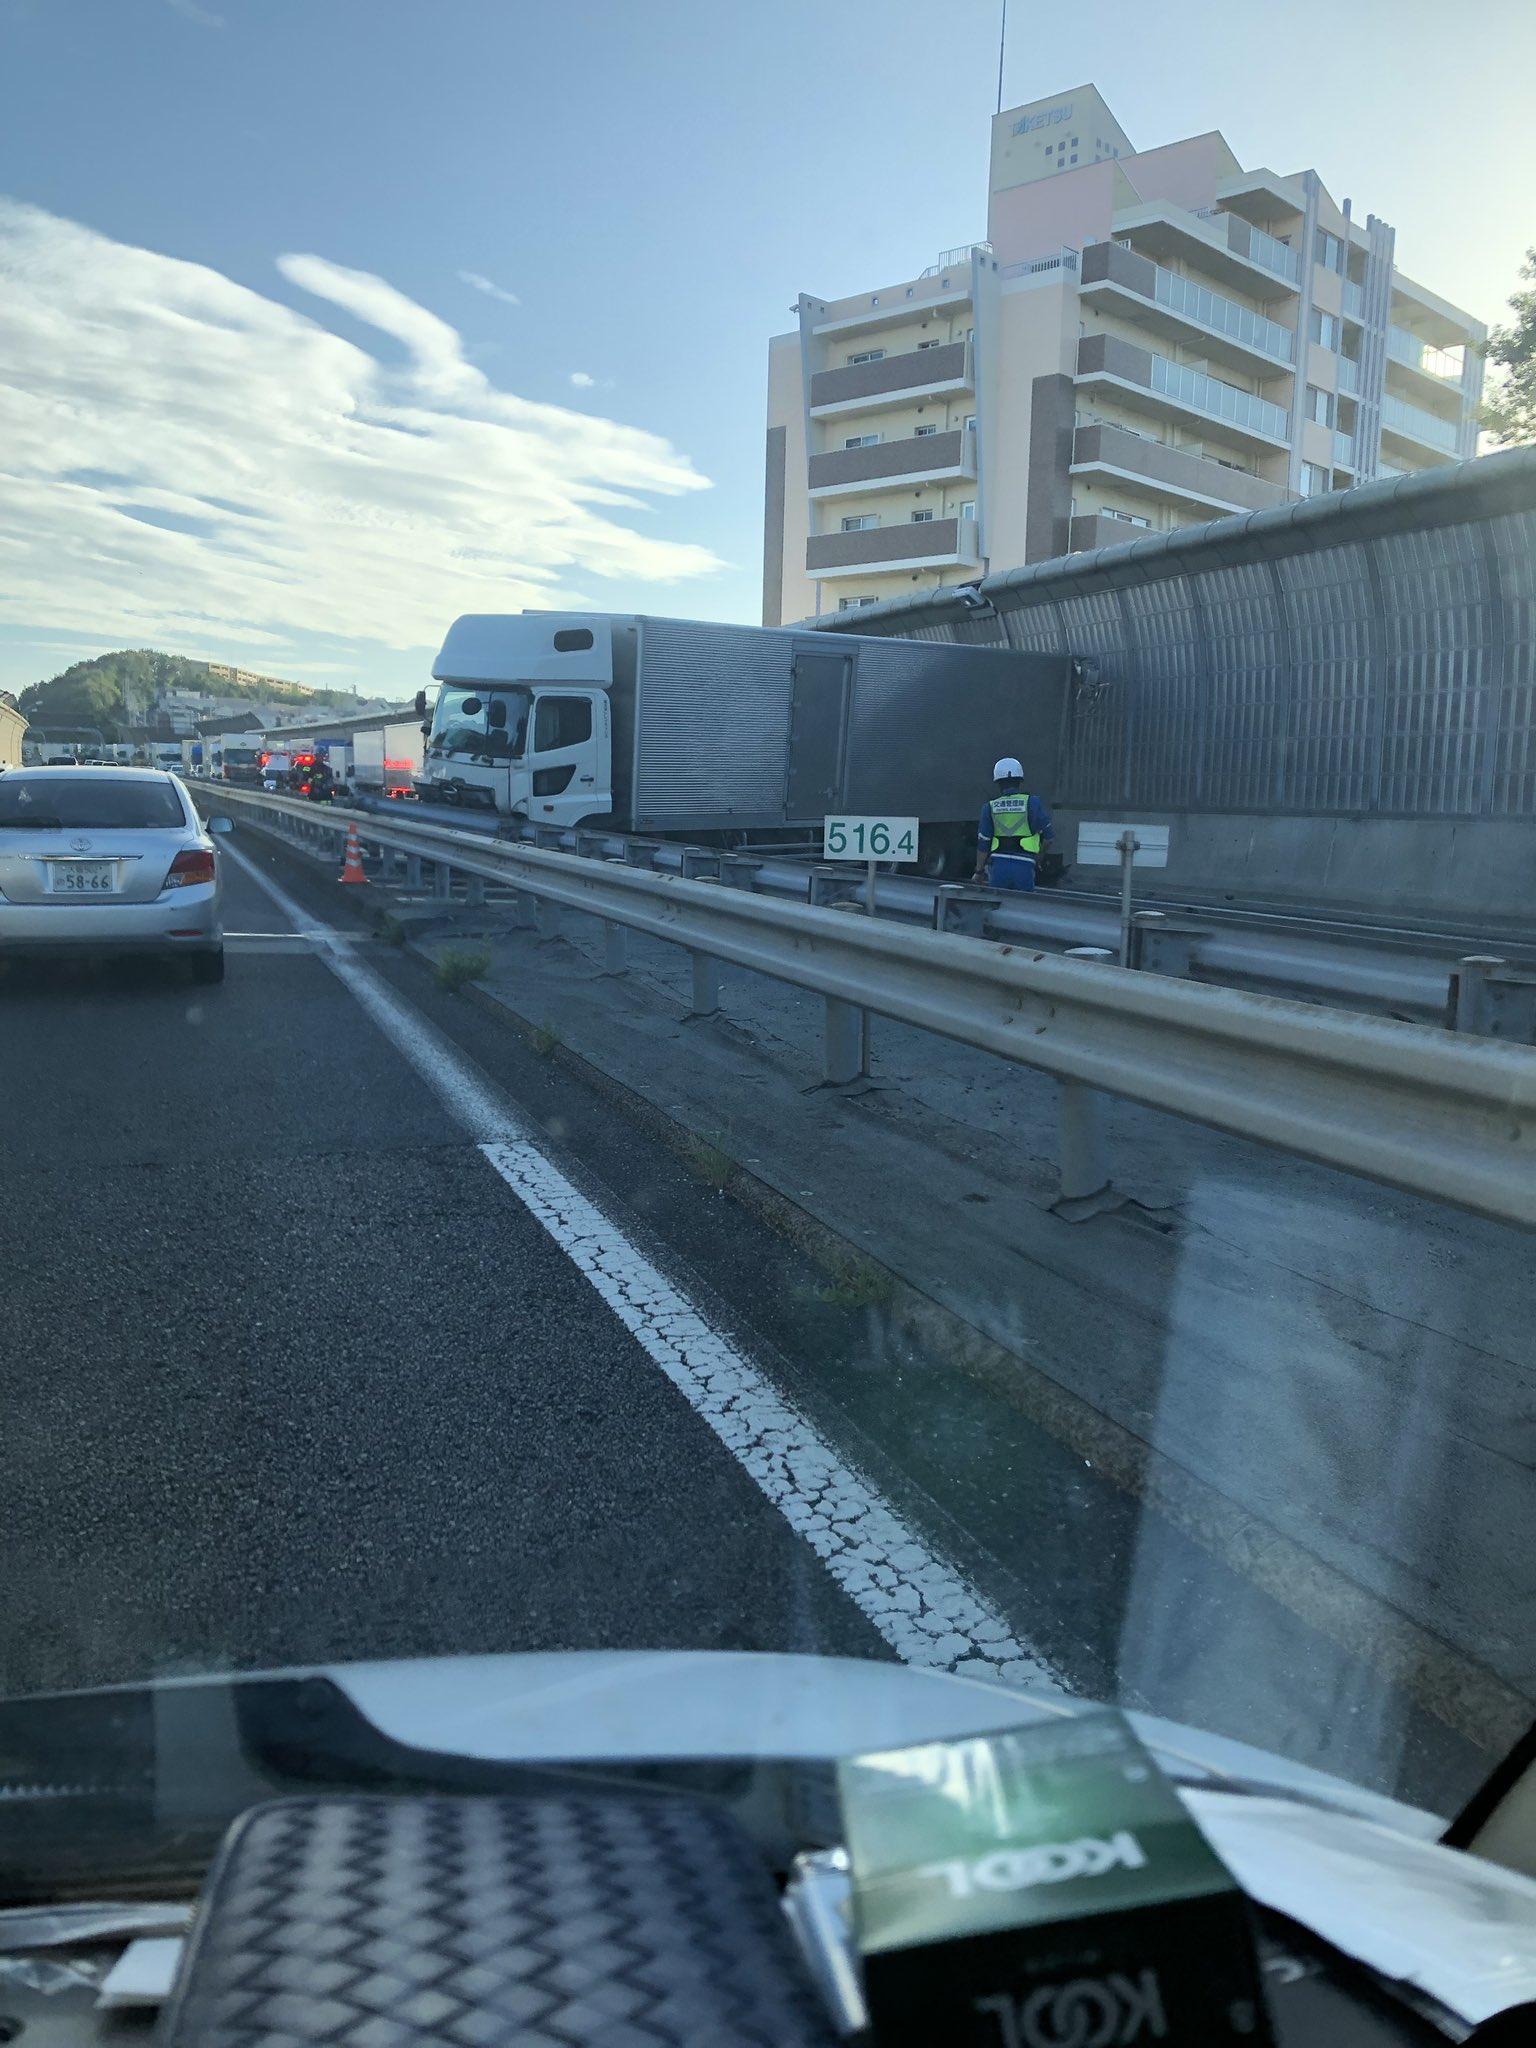 名神でトラックが車線塞ぐ事故が起き大渋滞している現場の画像